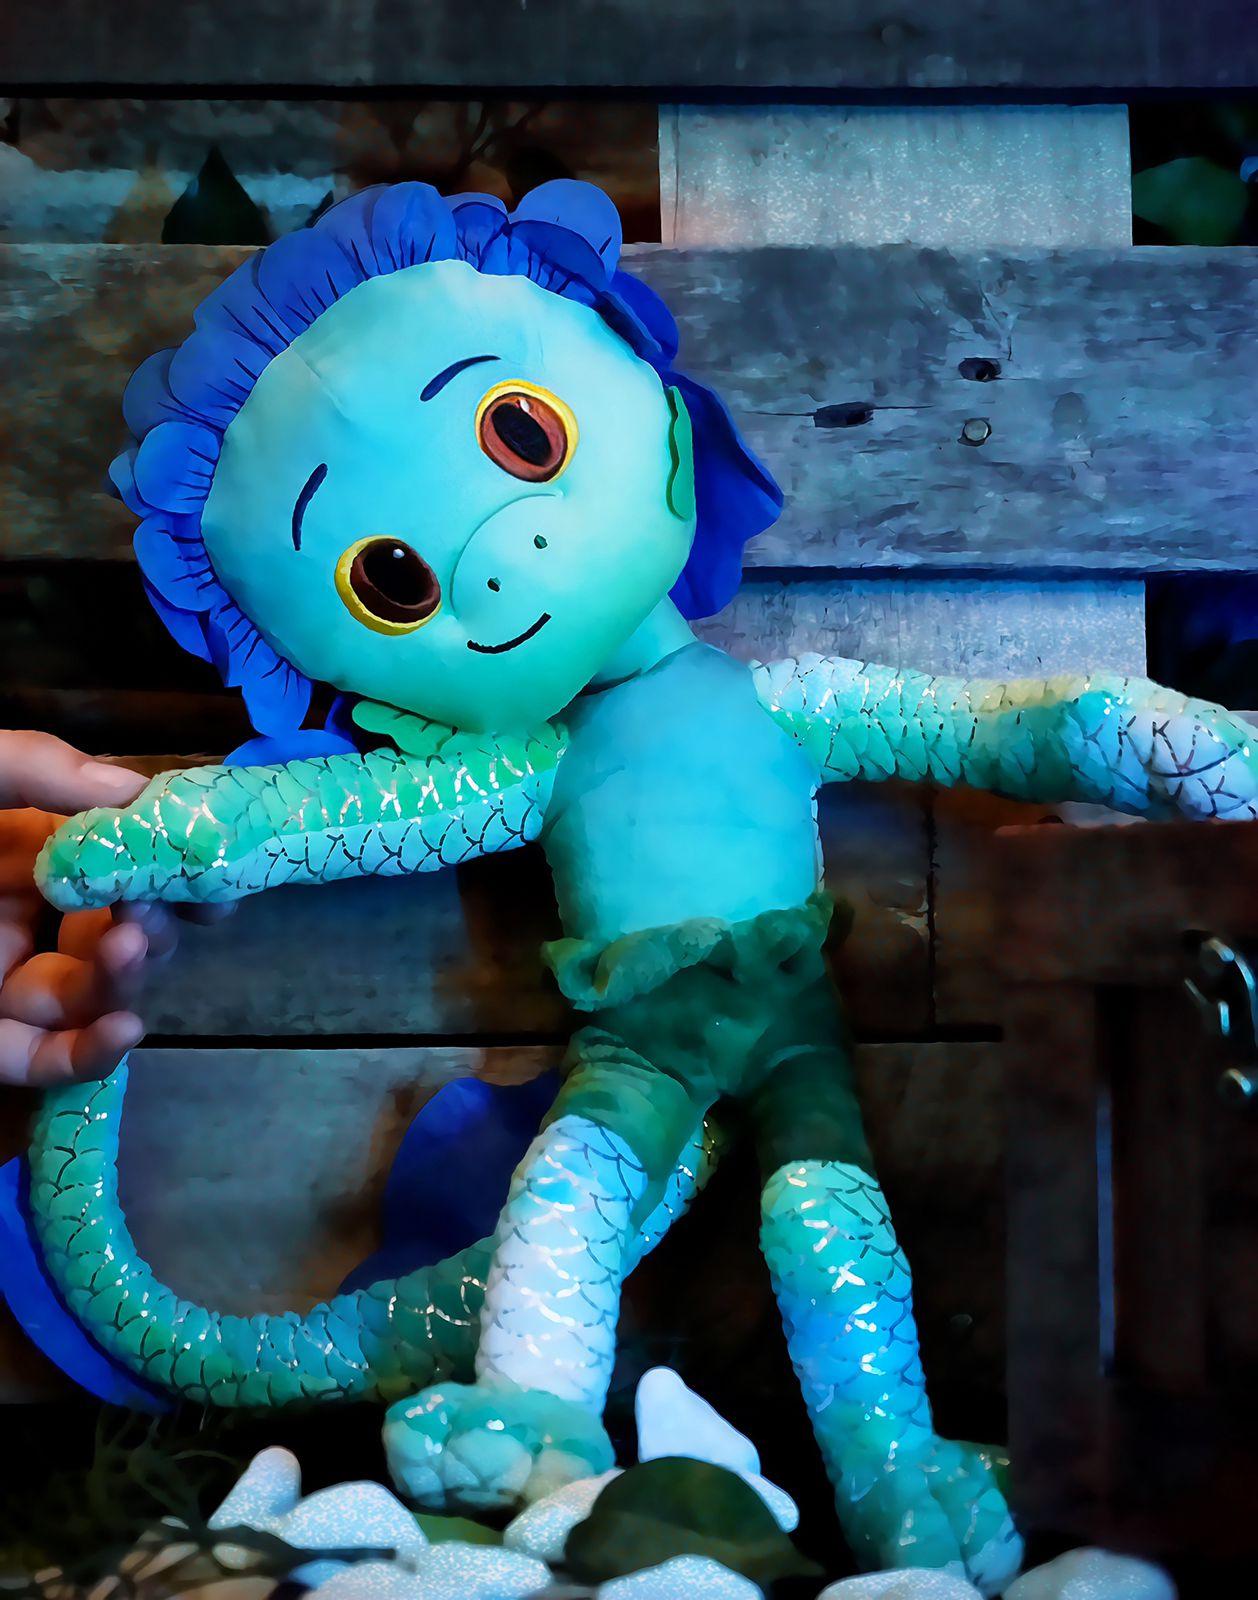 Brinquedo Pelúcia Boneco Desenho Animado Luca Paguro: Luca Disney